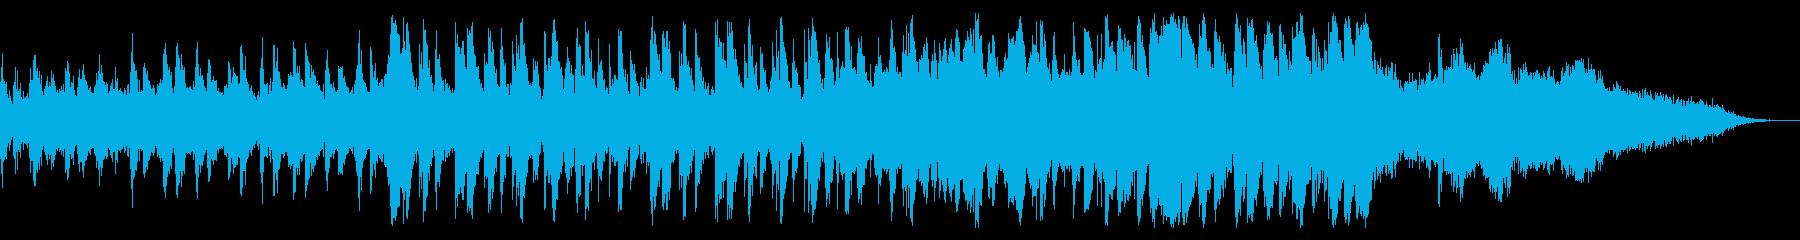 韓国琴カヤグムによる大河ドラマ風な交響曲の再生済みの波形